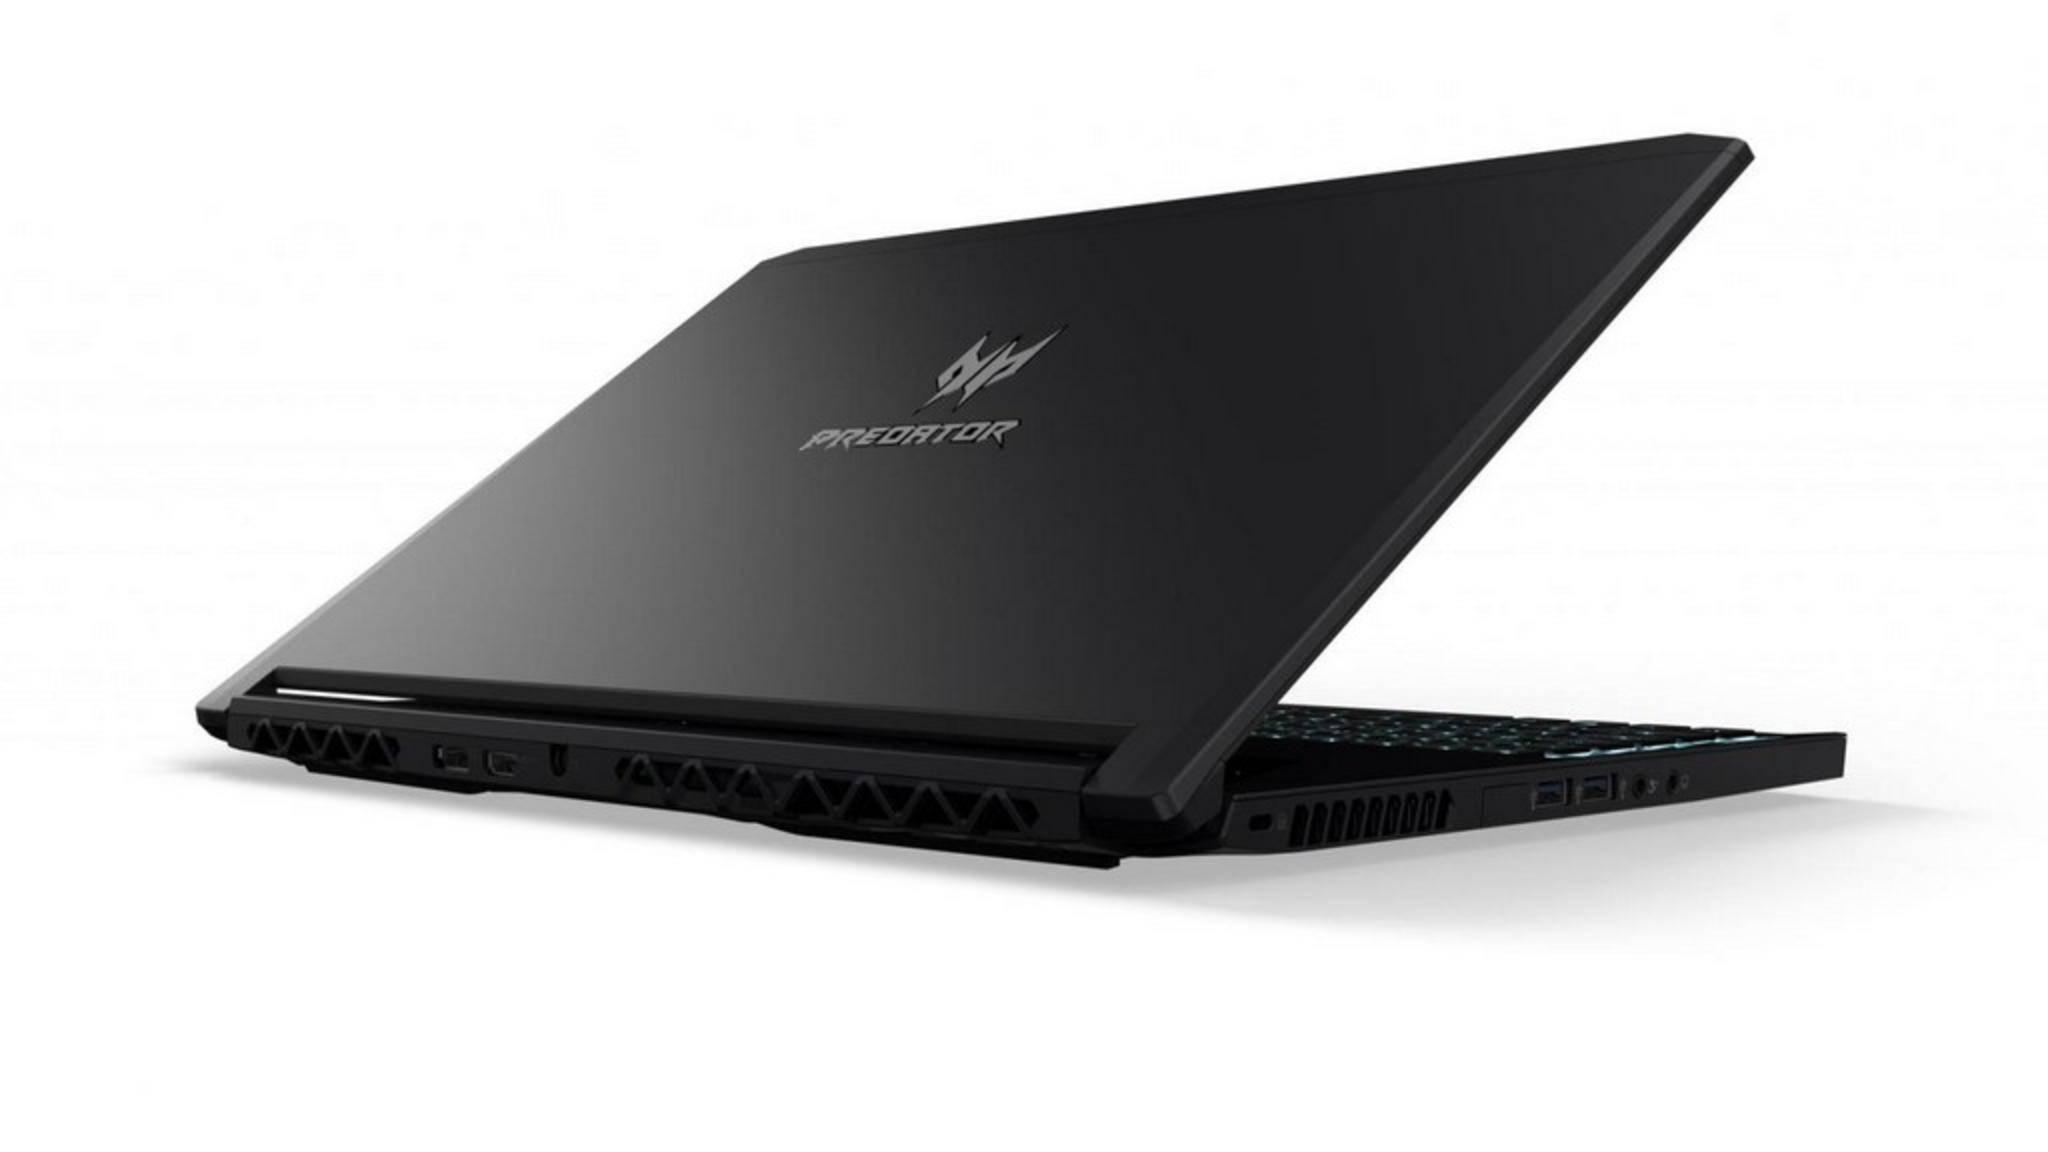 Der Acer Predator Triton soll trotz seiner flachen Form keine Kompromisse machen.